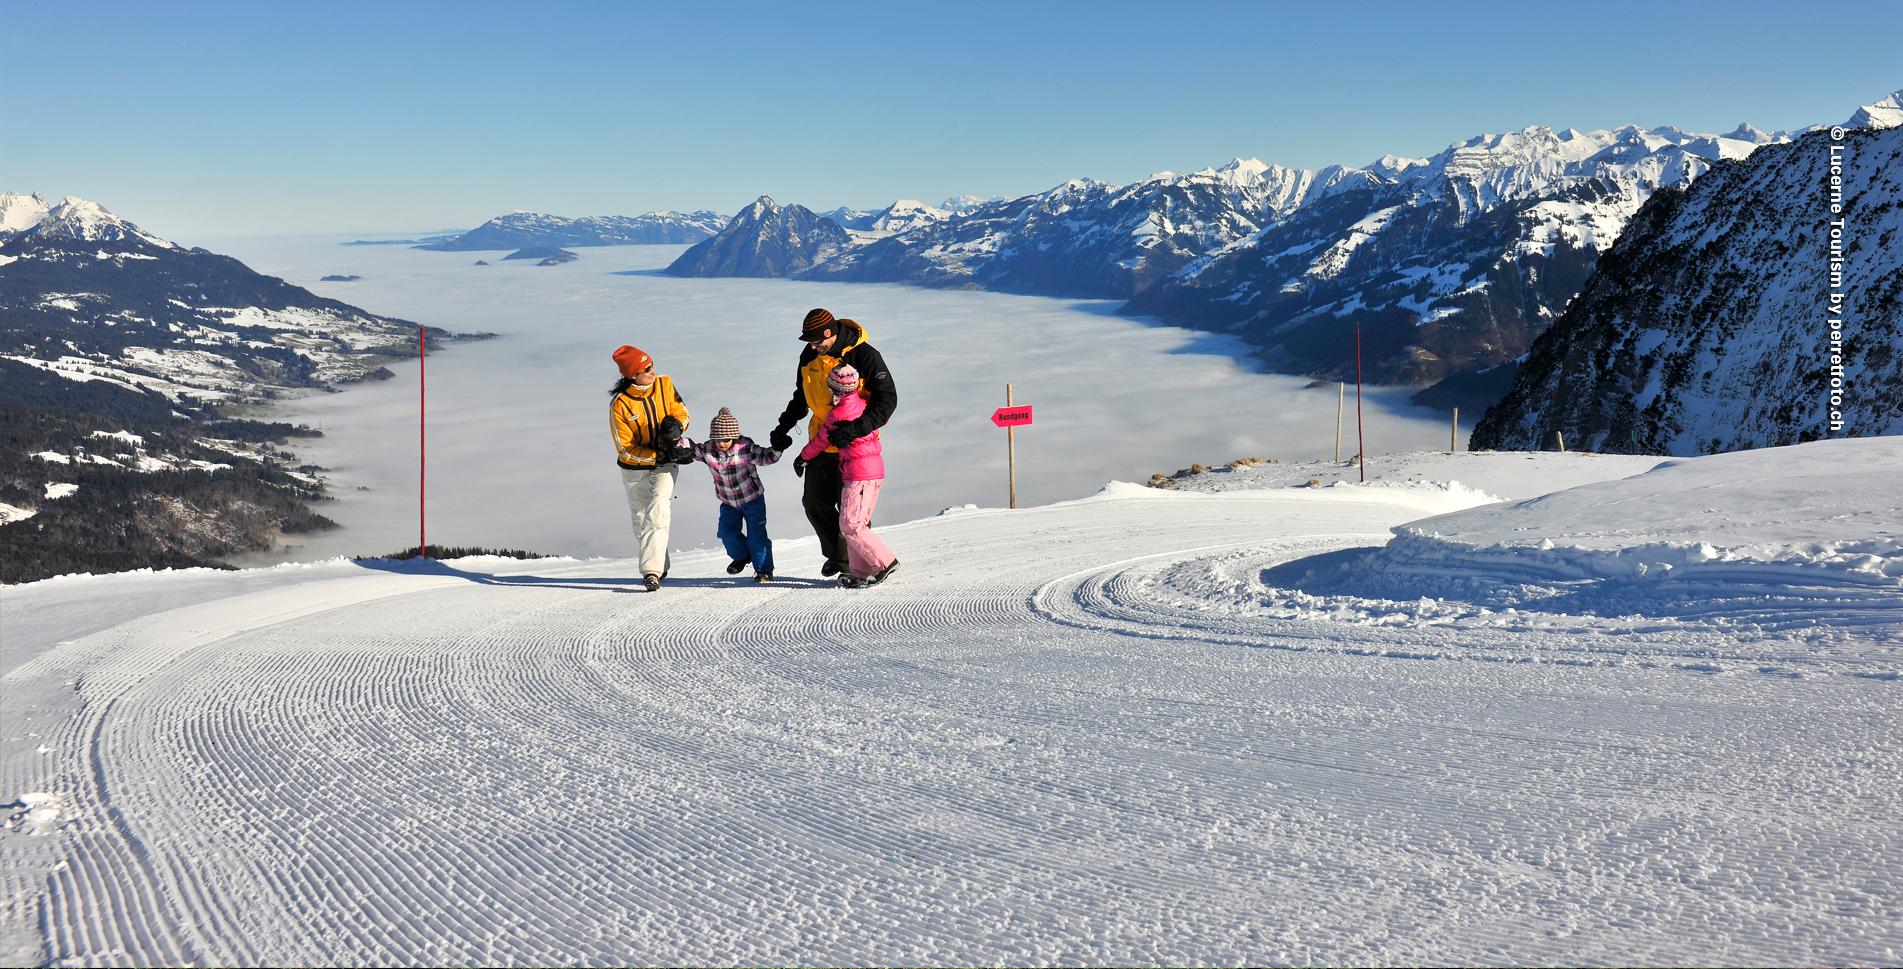 Winterwanderung von der Mörlialp, oberhalb Giswil, via Merliseeli, Mörliwald, Hackerenhütte, Iwi Kapelle und wieder zurück zur Mörlialp